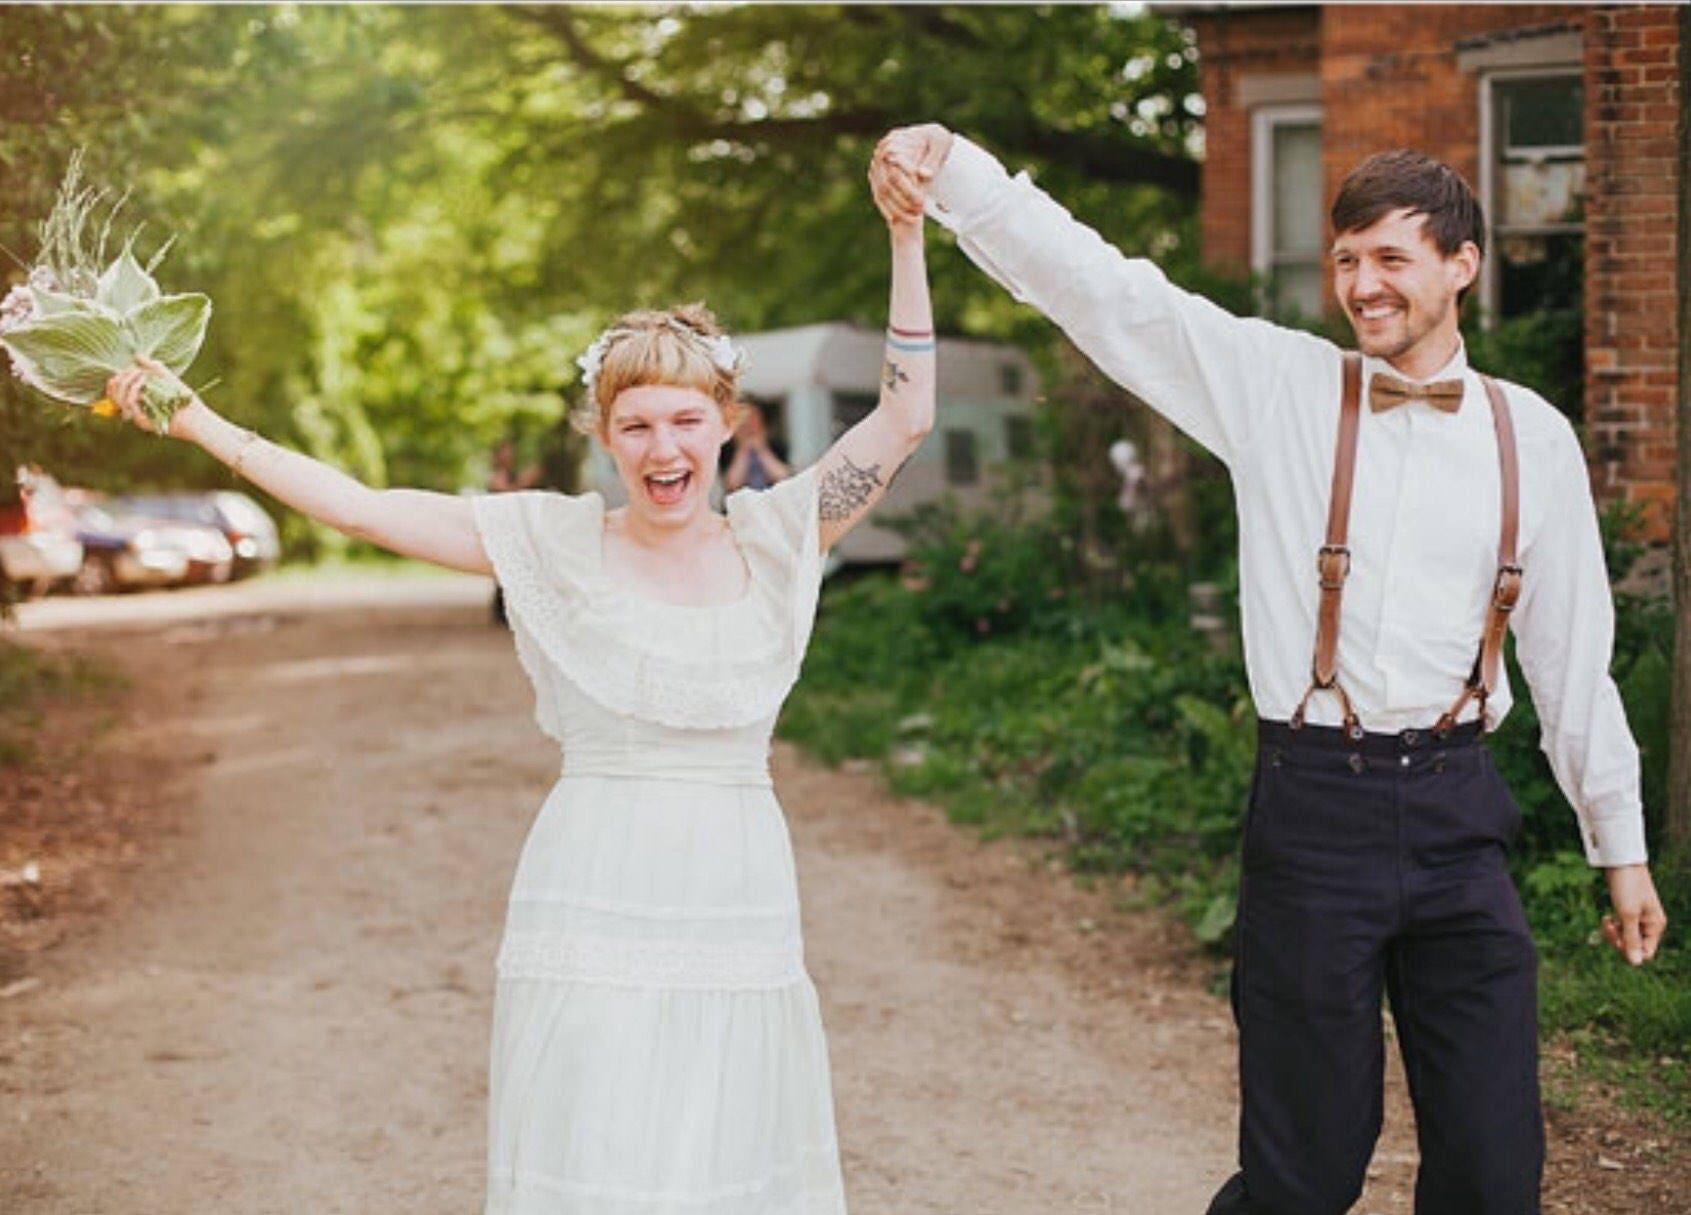 Mens Bowtie in Brown Linen, Groomsmen Bow Tie, Groom Bow Tie, Wedding Bow Tie, Rustic Wedding, Adjustable Bow Tie